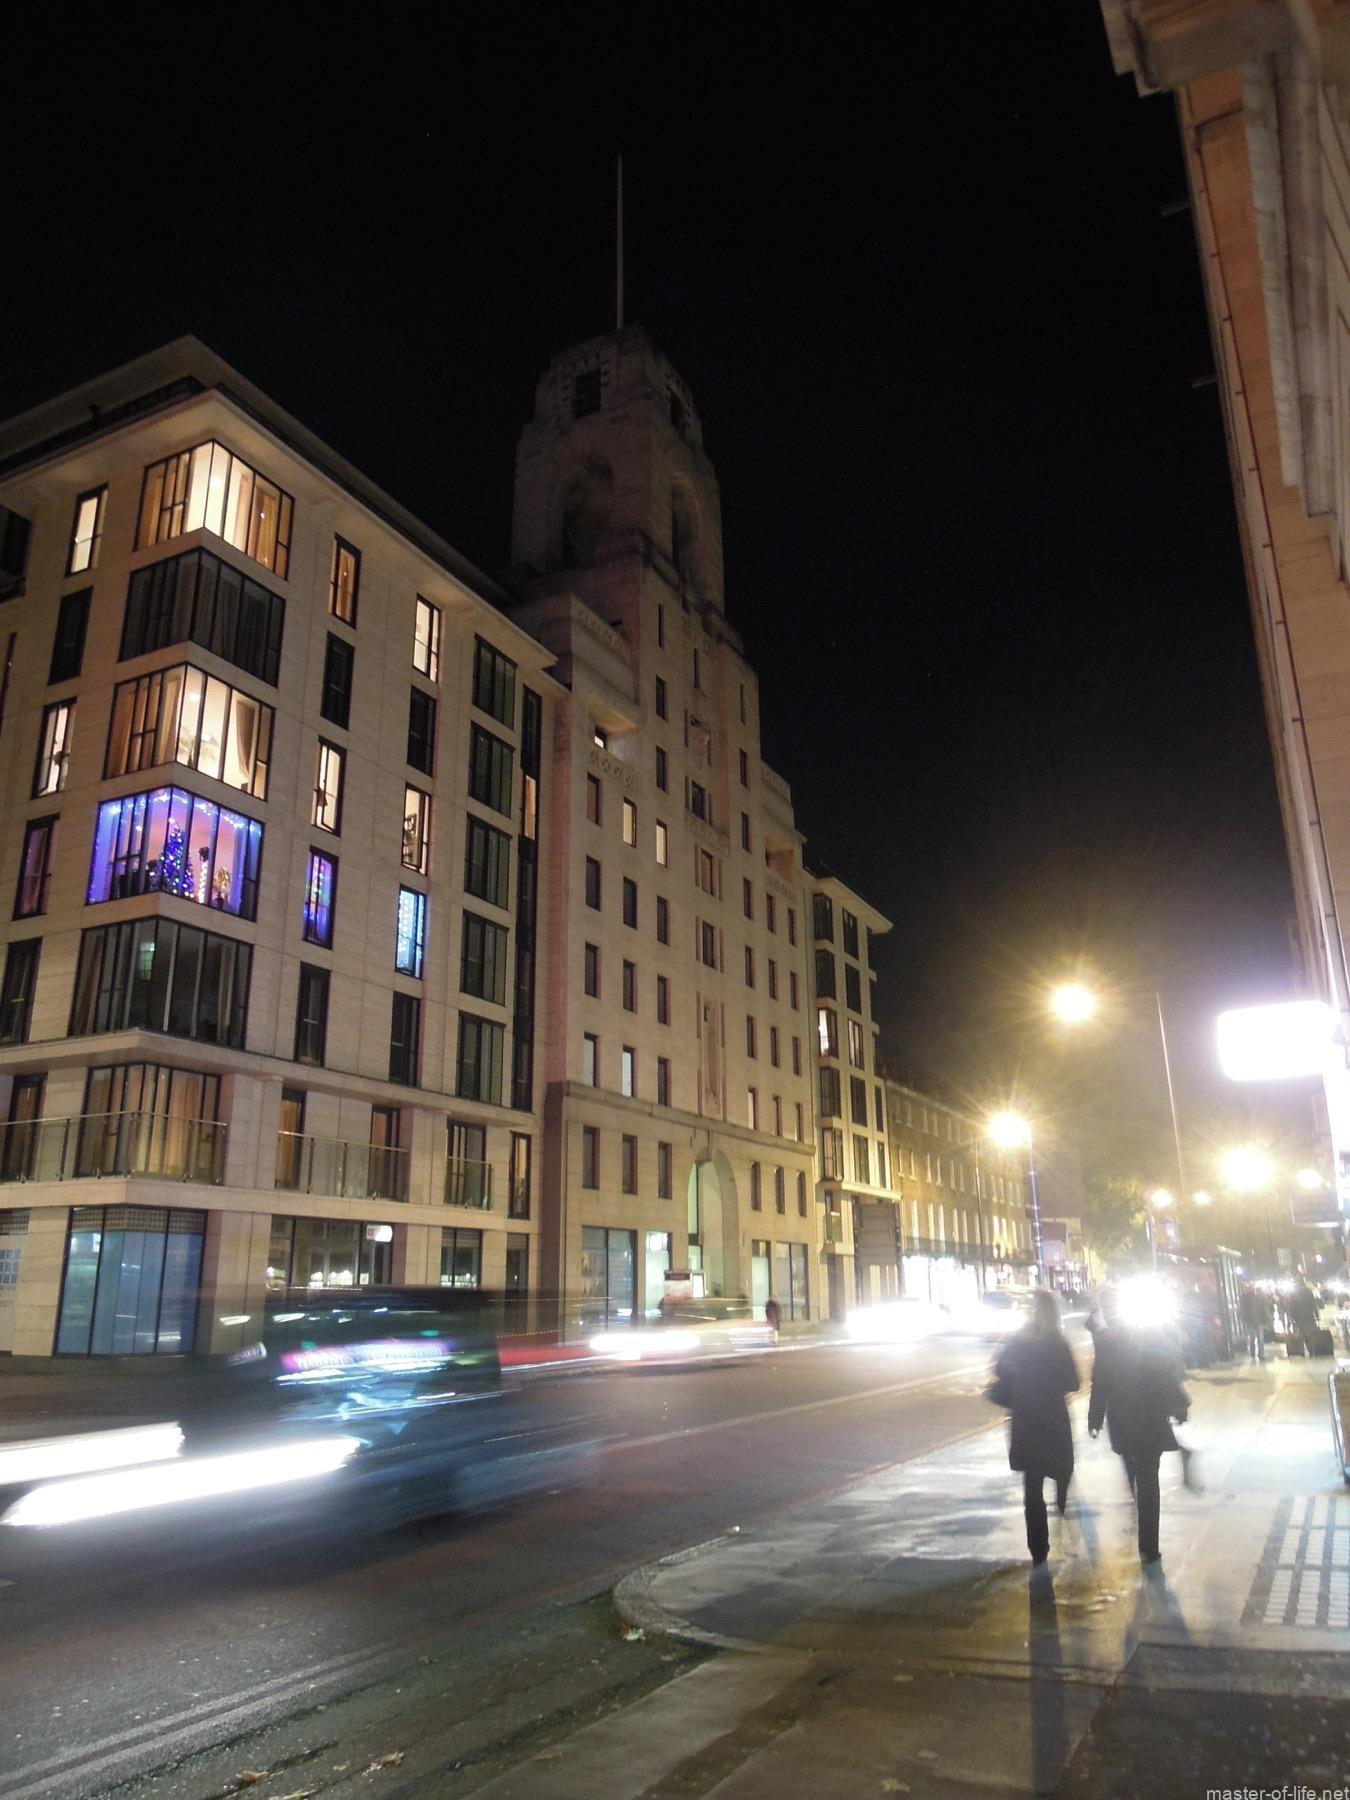 ベーカー街夜景